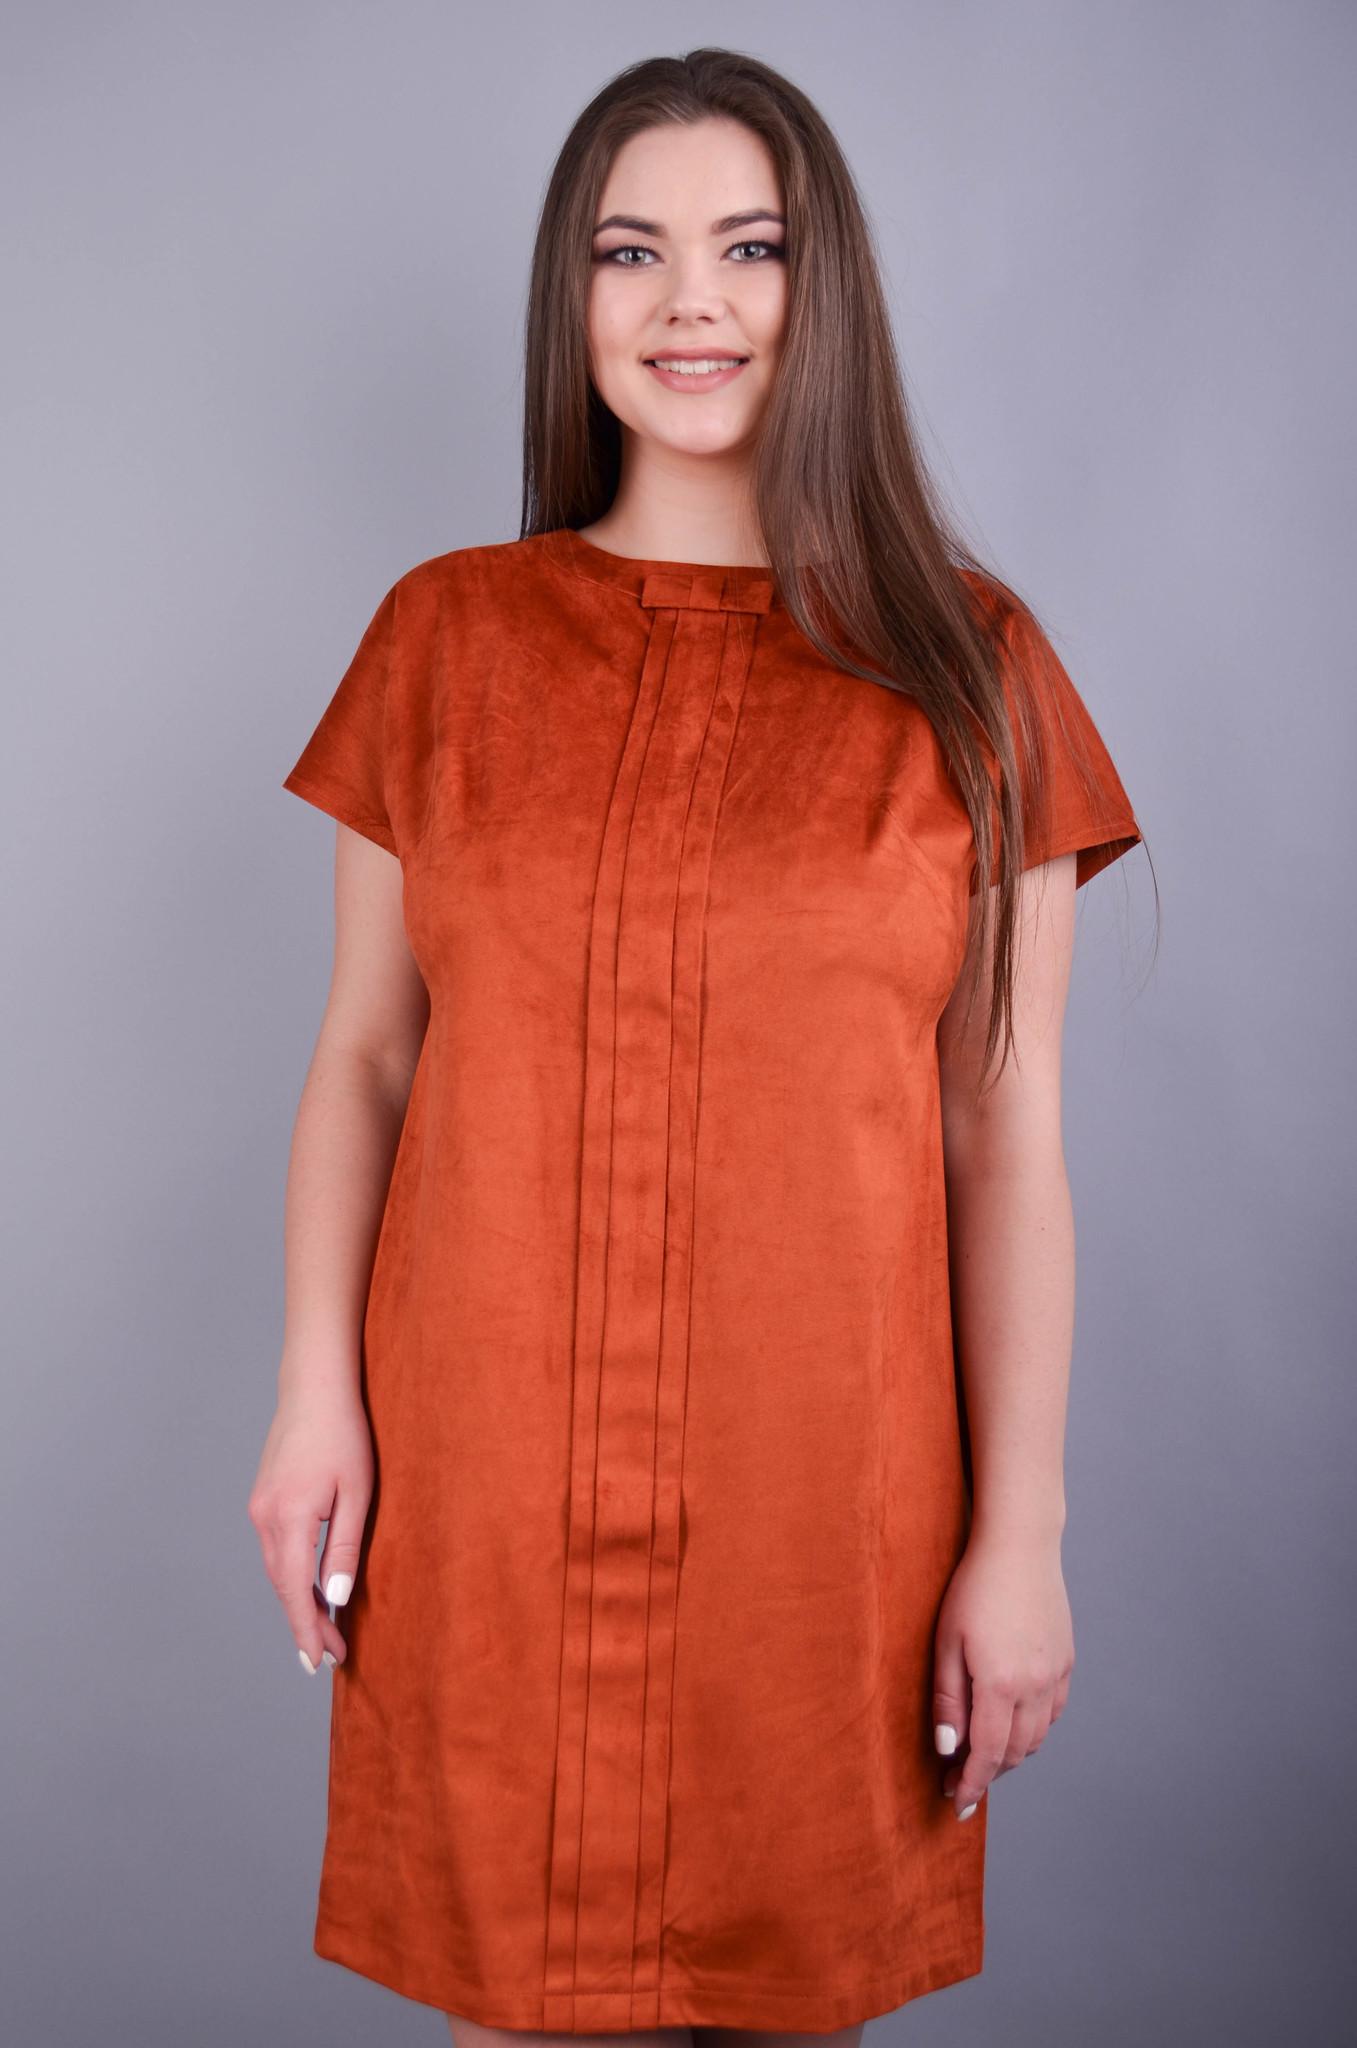 Варвара. Вишукана сукня для жінок плюс сайз. Терракот.